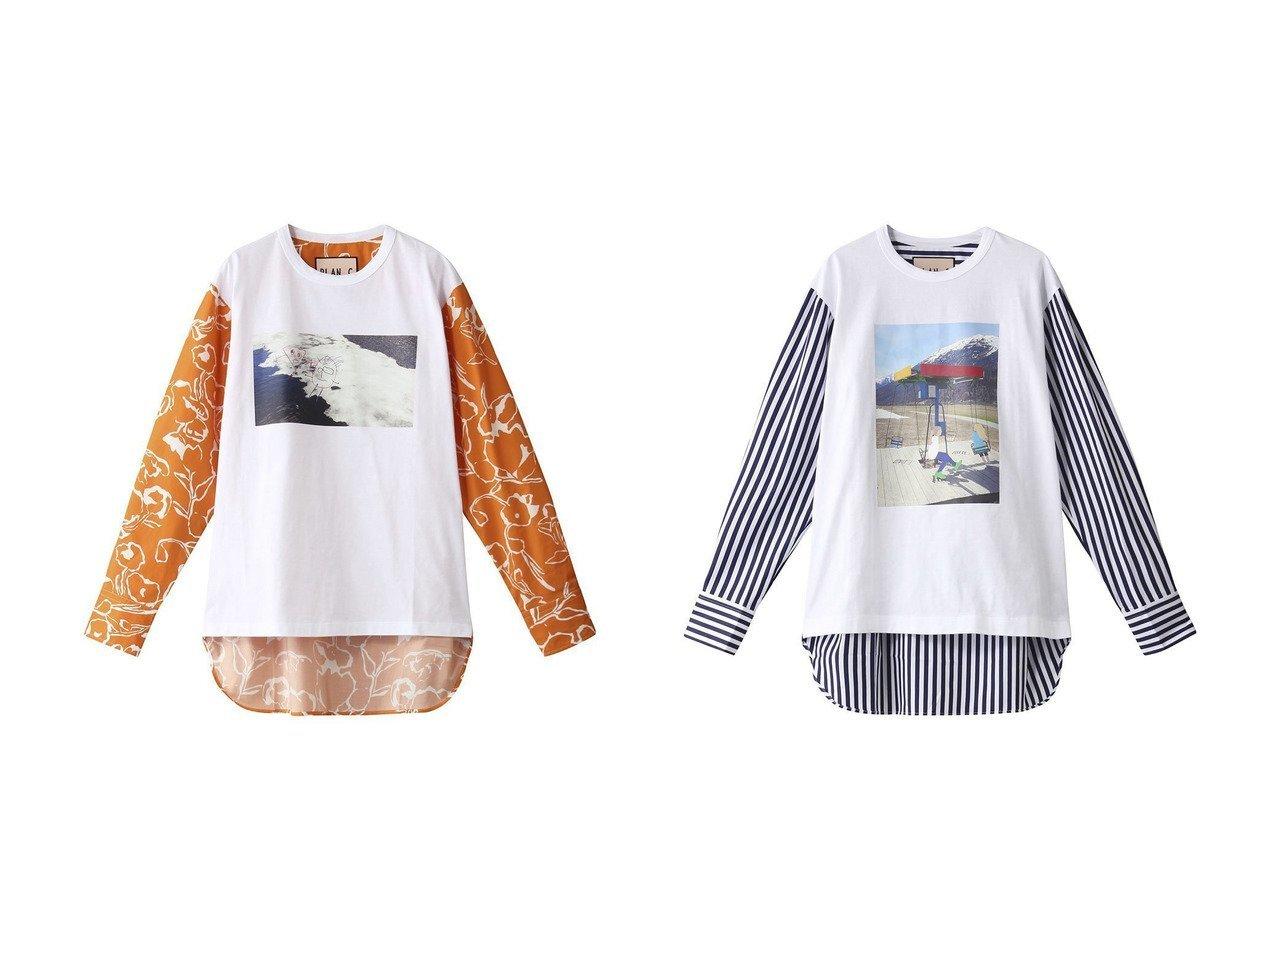 【Plan C/プラン C】のコットンジャージープリントロングTシャツ&コットンジャージープリントストライプロングTシャツ トップス・カットソーのおすすめ!人気、トレンド・レディースファッションの通販 おすすめで人気の流行・トレンド、ファッションの通販商品 メンズファッション・キッズファッション・インテリア・家具・レディースファッション・服の通販 founy(ファニー) https://founy.com/ ファッション Fashion レディースファッション WOMEN トップス Tops Tshirt シャツ/ブラウス Shirts Blouses ロング / Tシャツ T-Shirts カットソー Cut and Sewn 2021年 2021 2021 春夏 S/S SS Spring/Summer 2021 S/S 春夏 SS Spring/Summer シンプル スリーブ フロント プリント ボトム ロング 春 Spring |ID:crp329100000014809